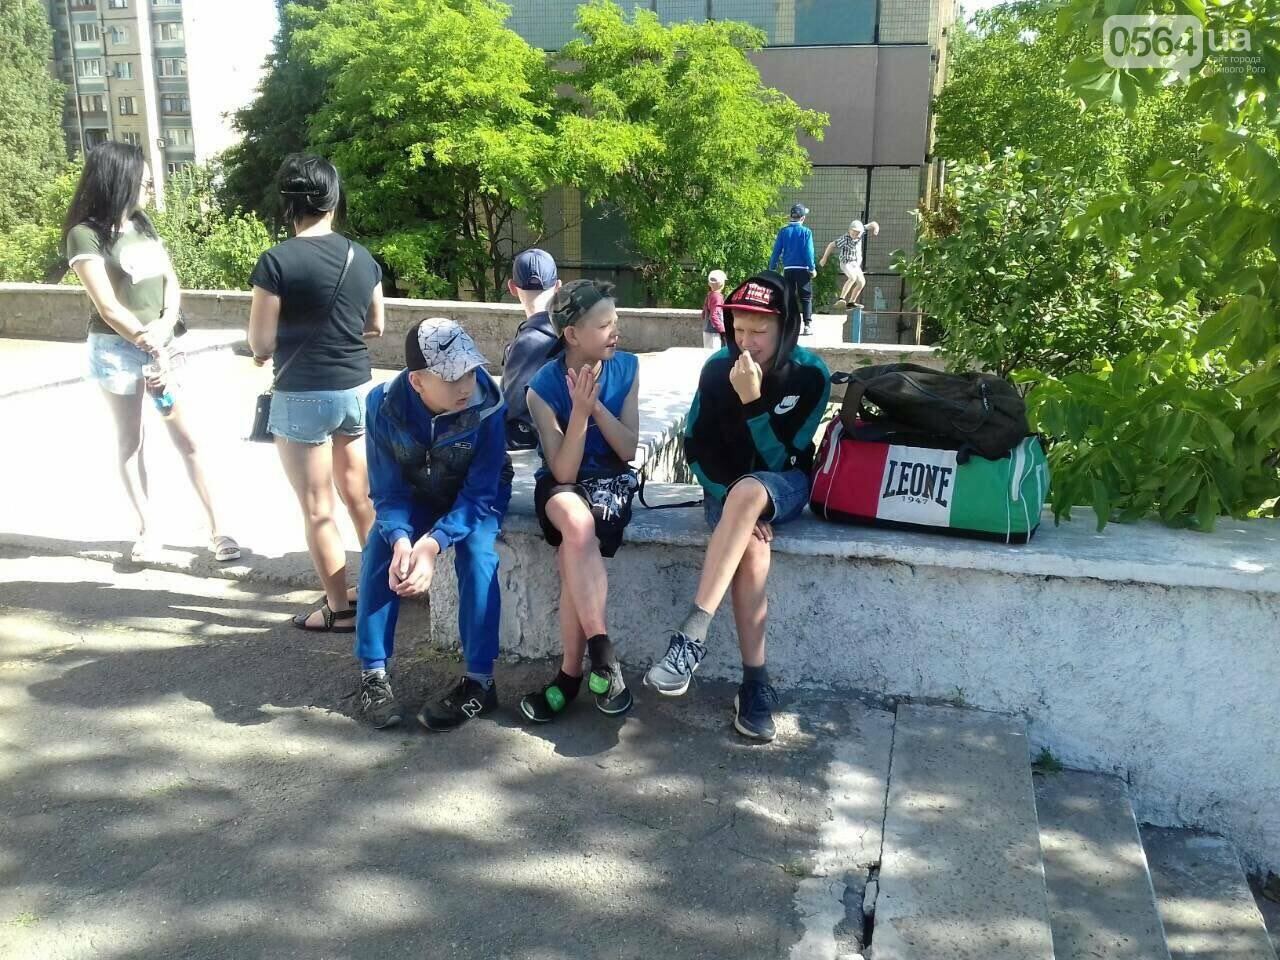 Юные криворожские спортсмены открыли летний сезон в спортивном лагере, - ФОТО, фото-10